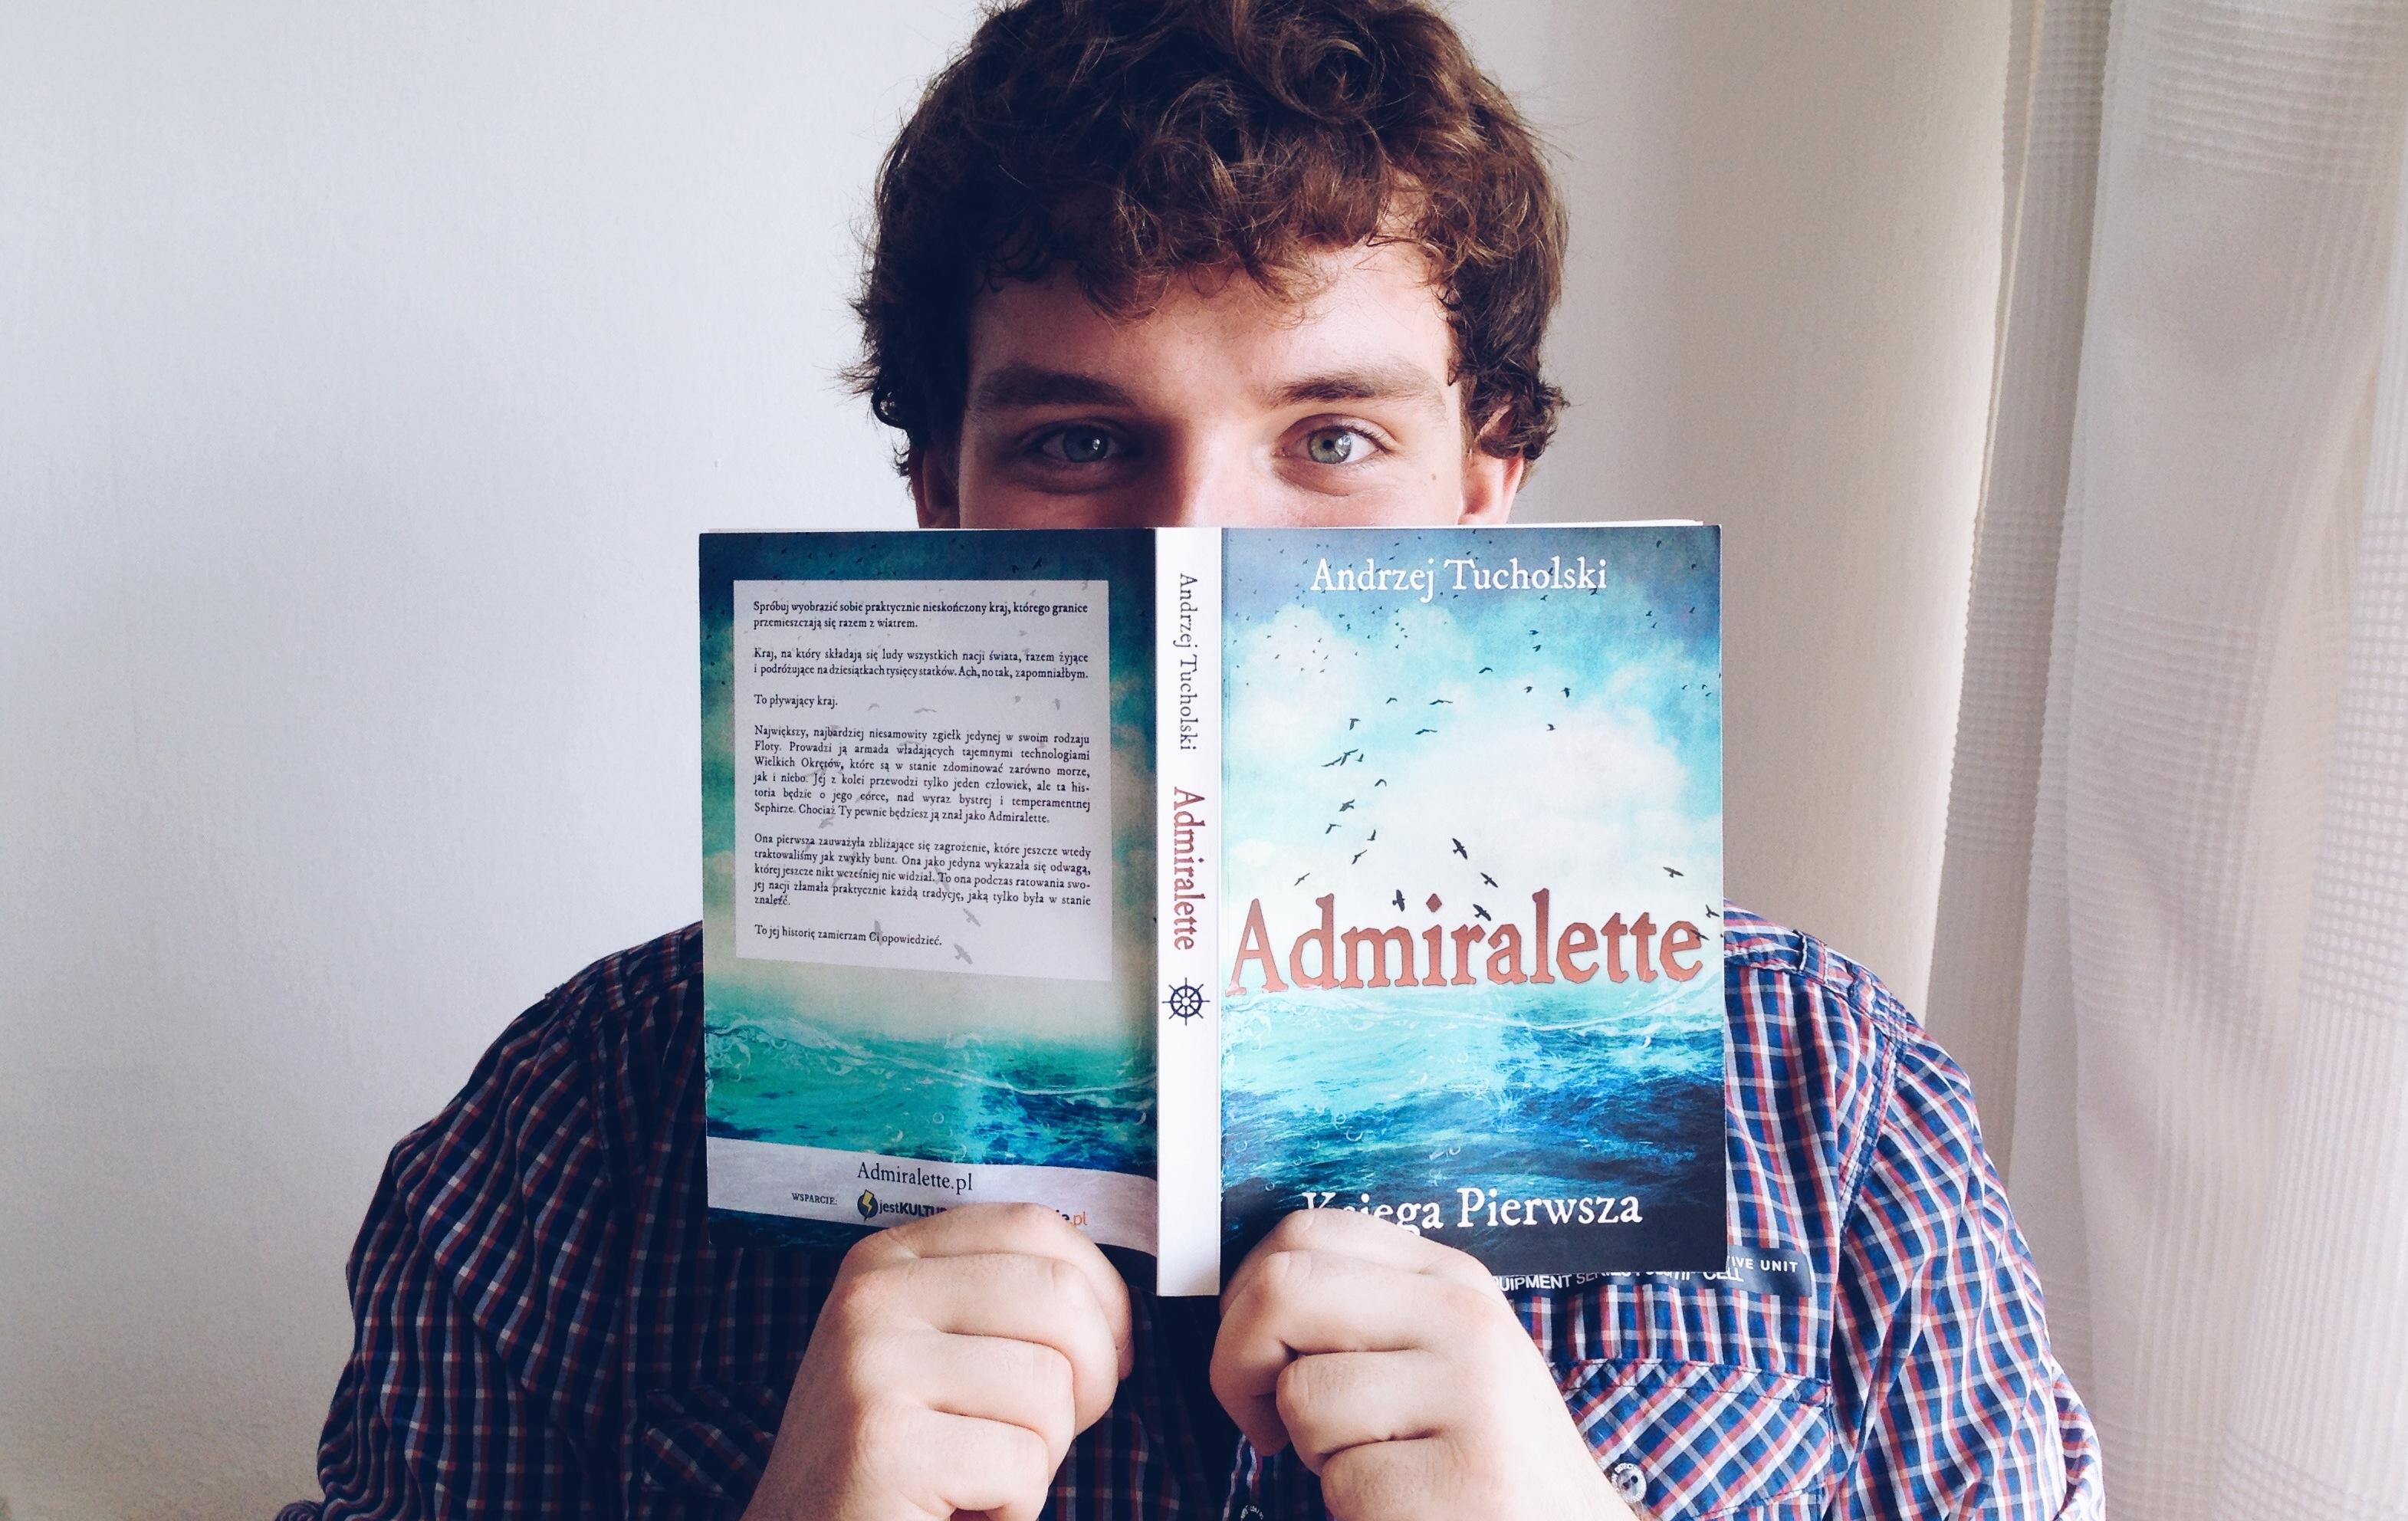 Admiralette - WIELKA PREMIERA mojej pierwszej książki!!!